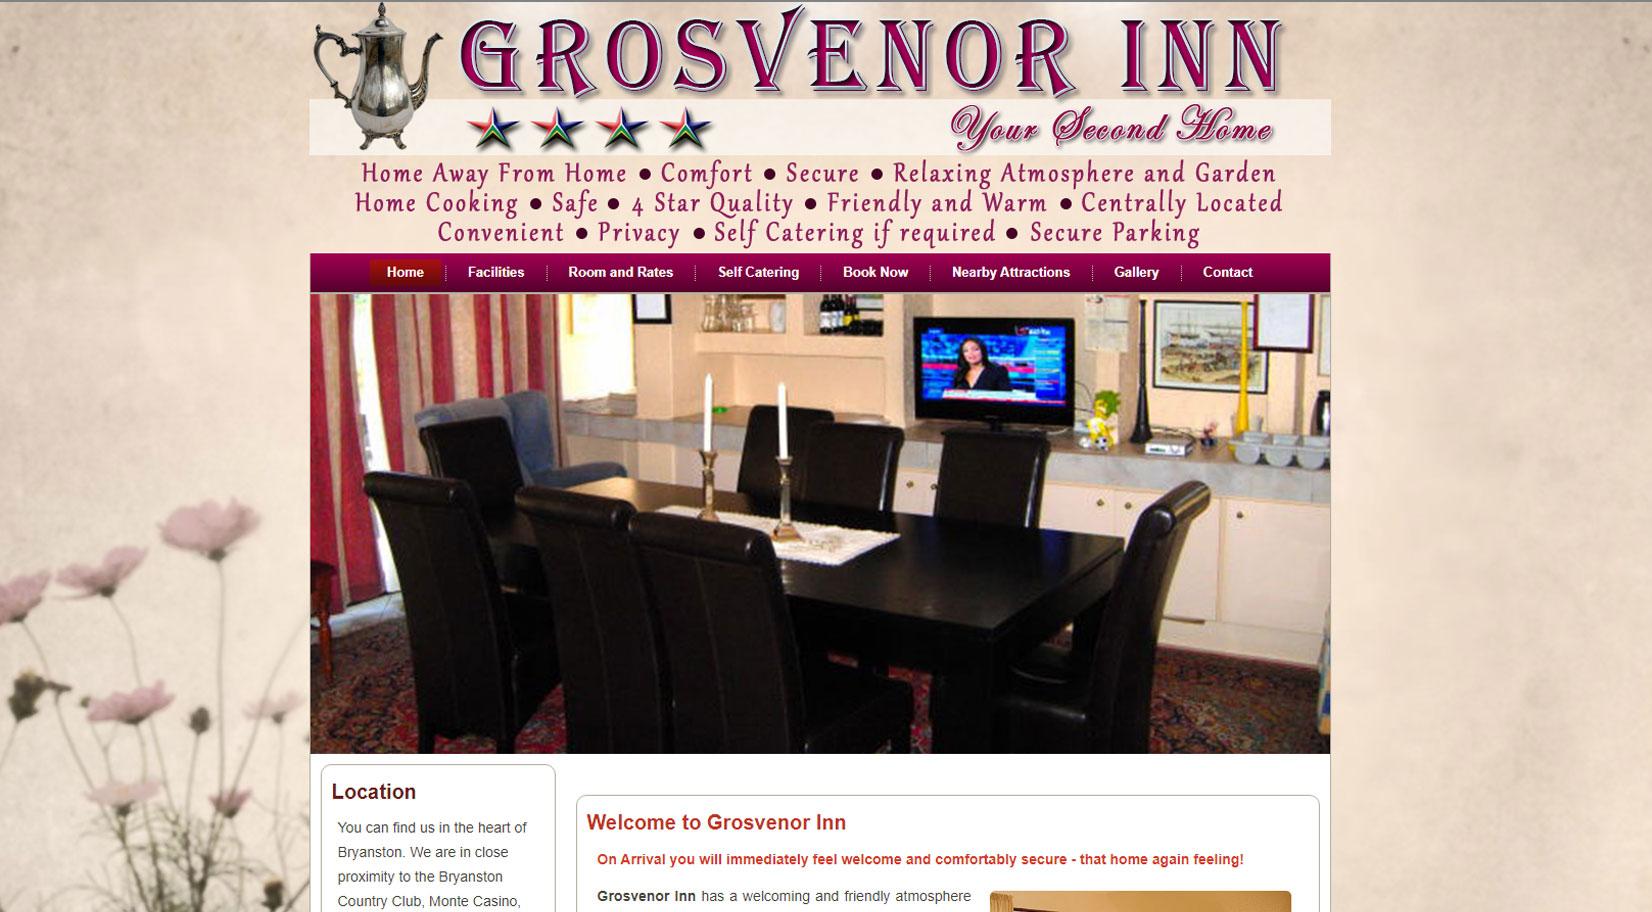 Grosvenor Inn